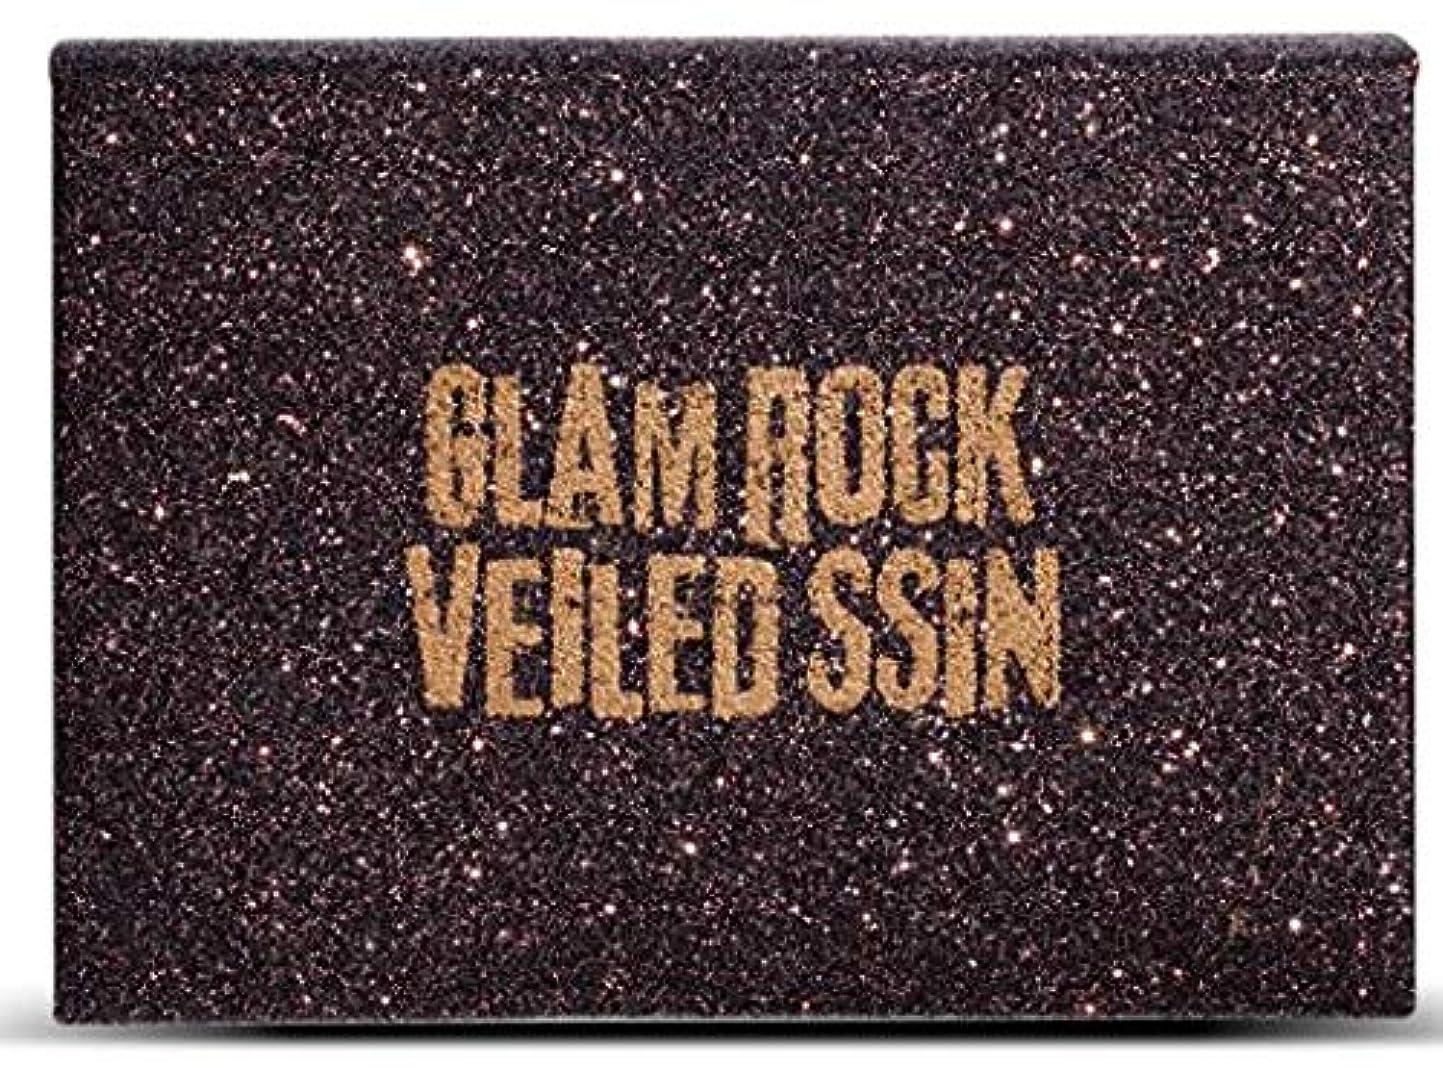 デッドロック例外扱うtoo cool for school GLAM ROCK VEILED SSIN #1 MYSTERIOUS [並行輸入品]